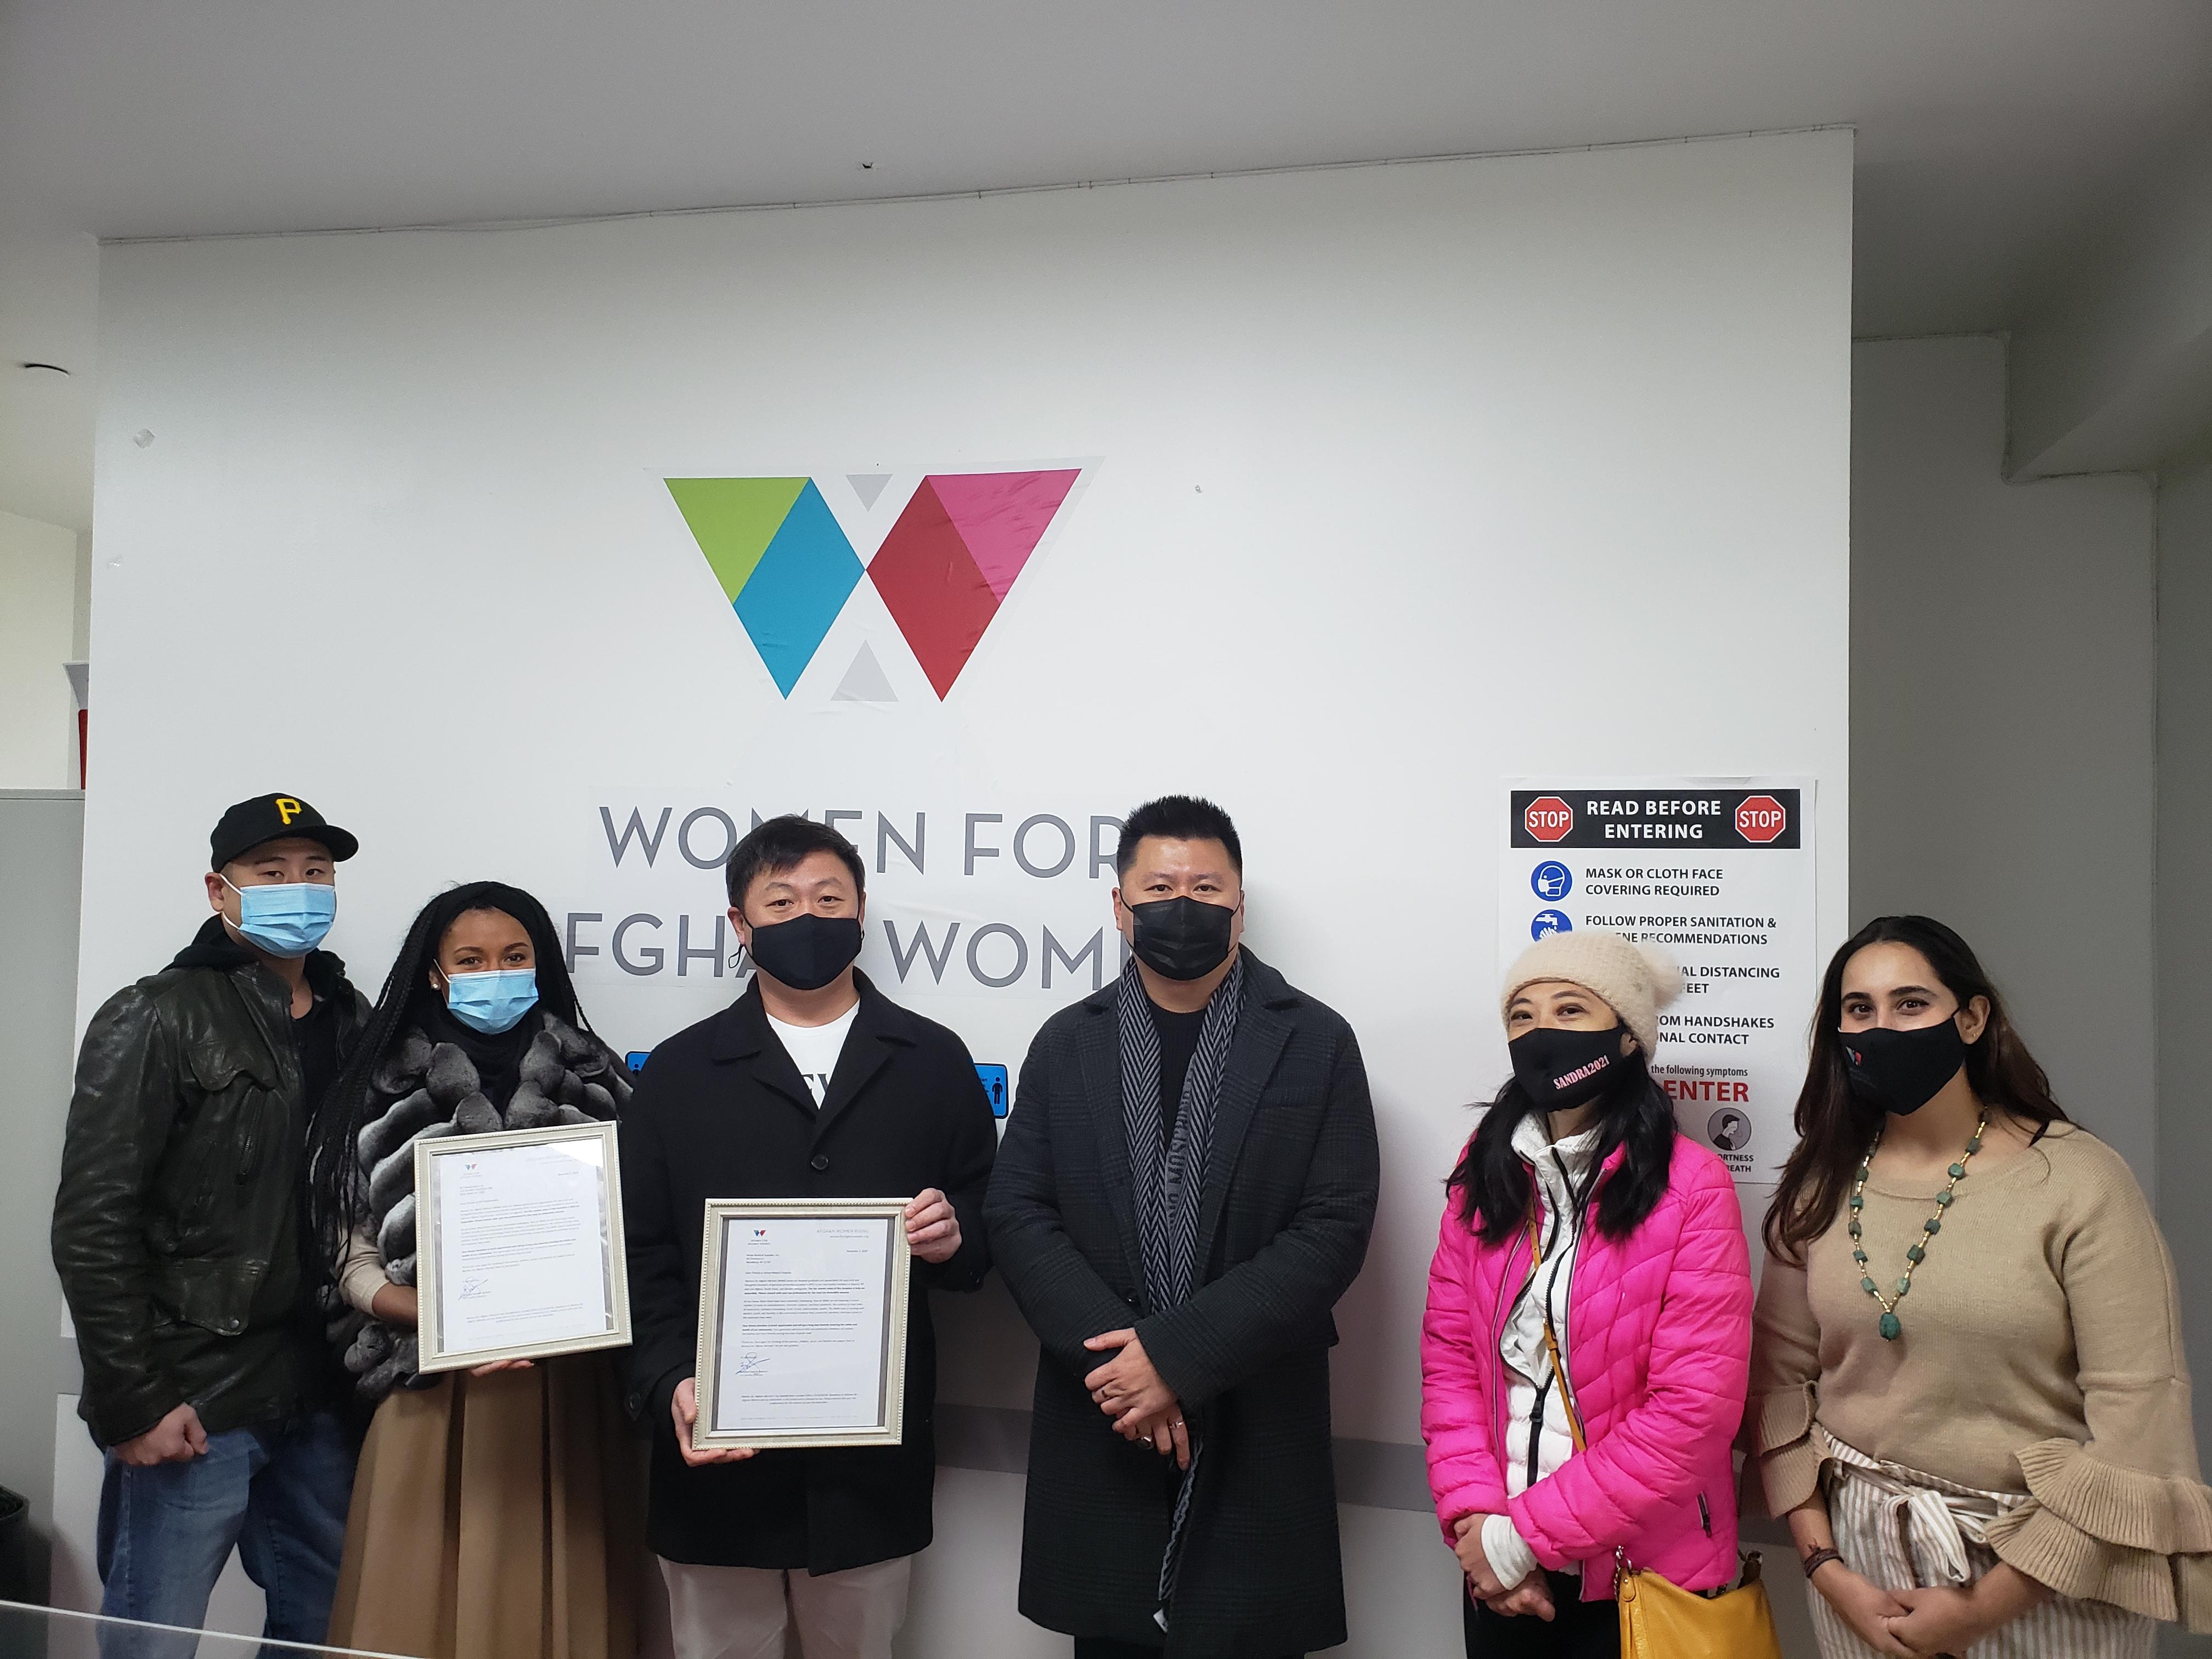 黃敏儀聯合2家醫療設備機構向非 牟利組織捐贈5000個口罩。 主辦方提供